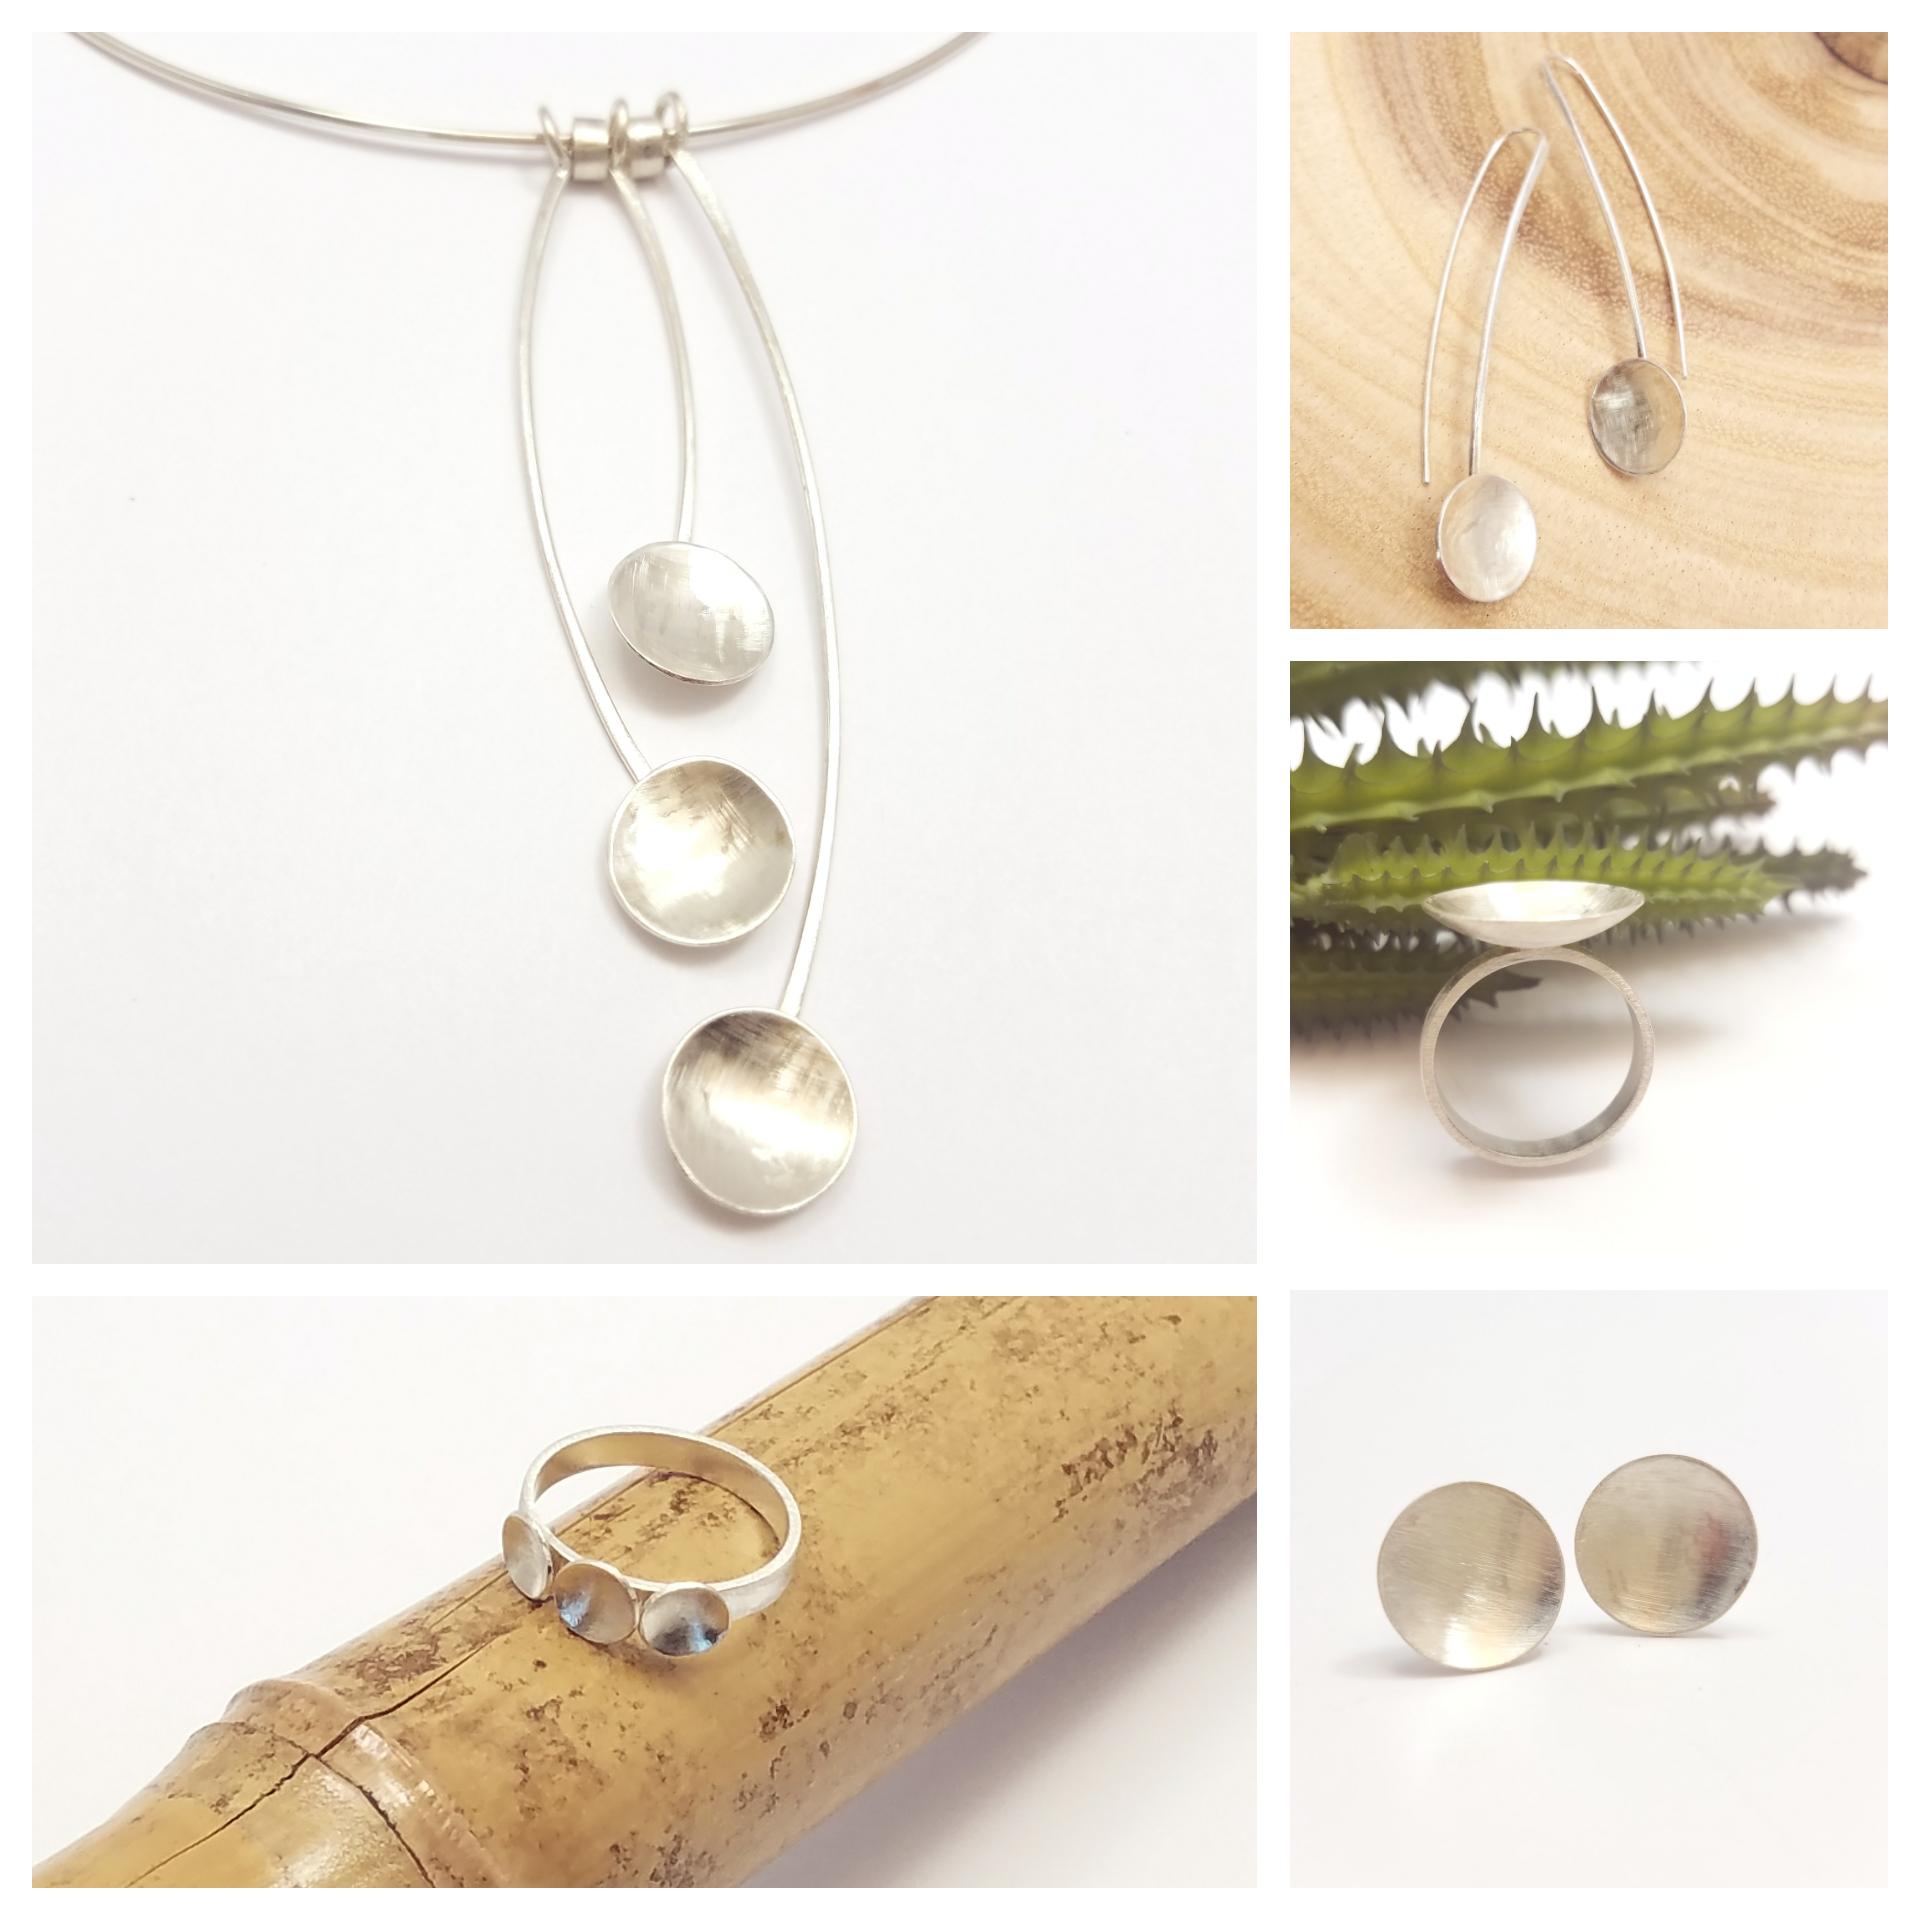 inCollage_20180301_173400490 - Güe Handmade Jewelry.jpg